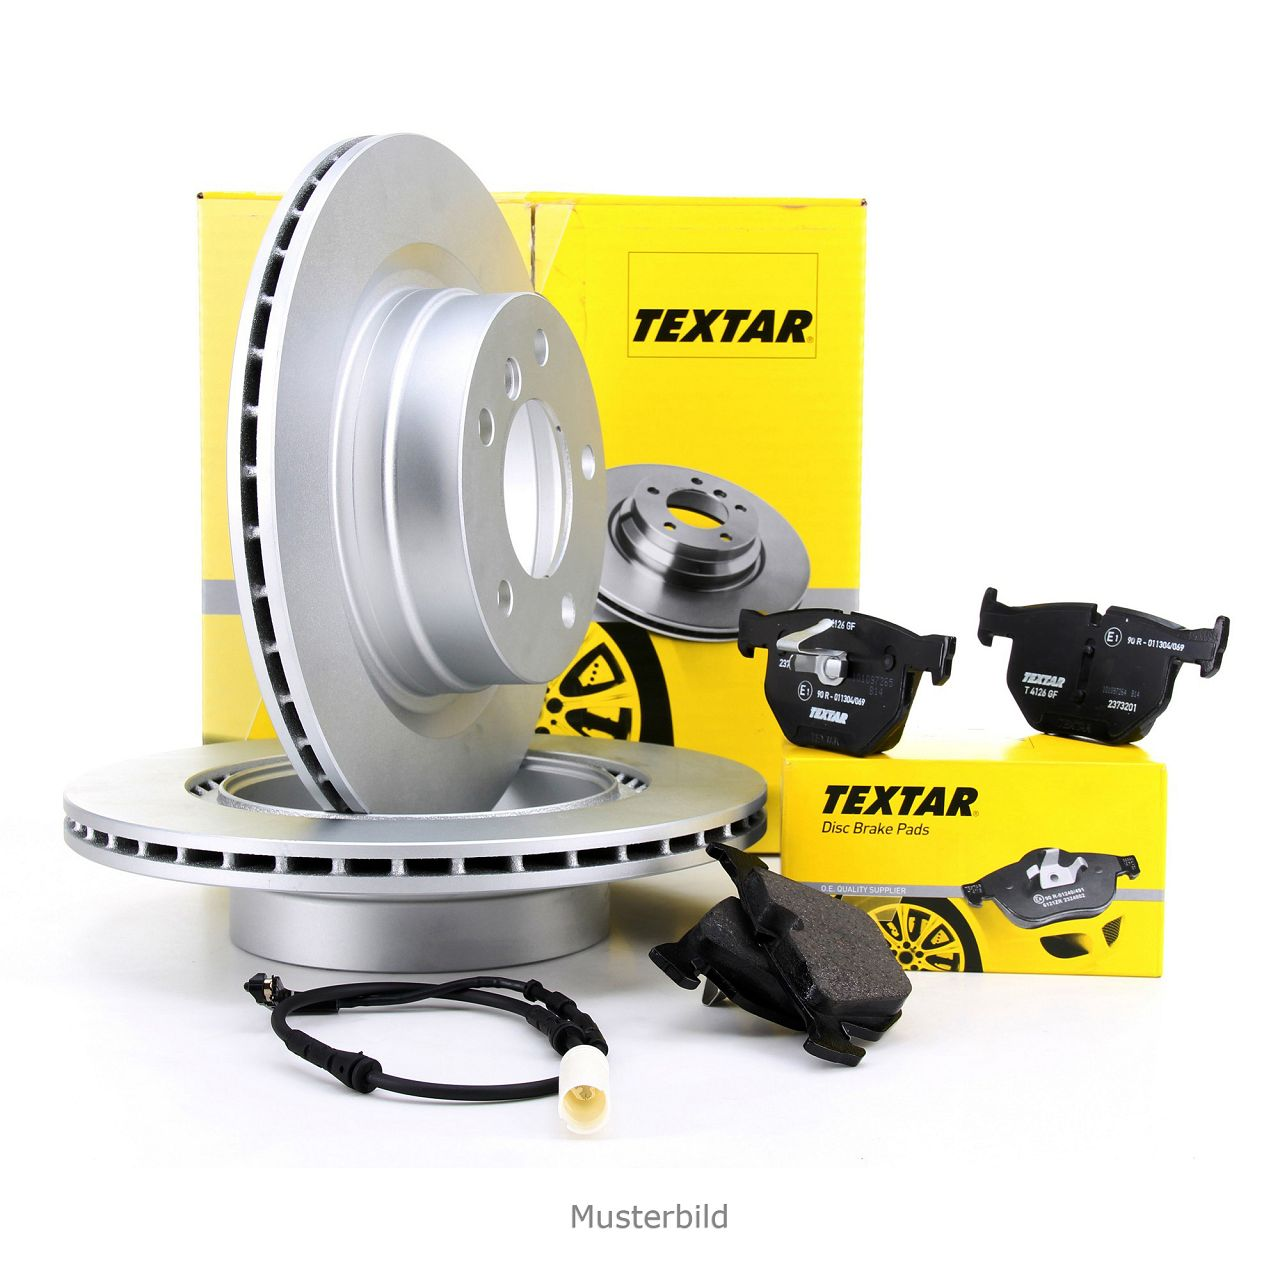 TEXTAR Bremsscheiben + Bremsbeläge + Wako BMW 5er E61 Touring 520-530i 520-530d hinten